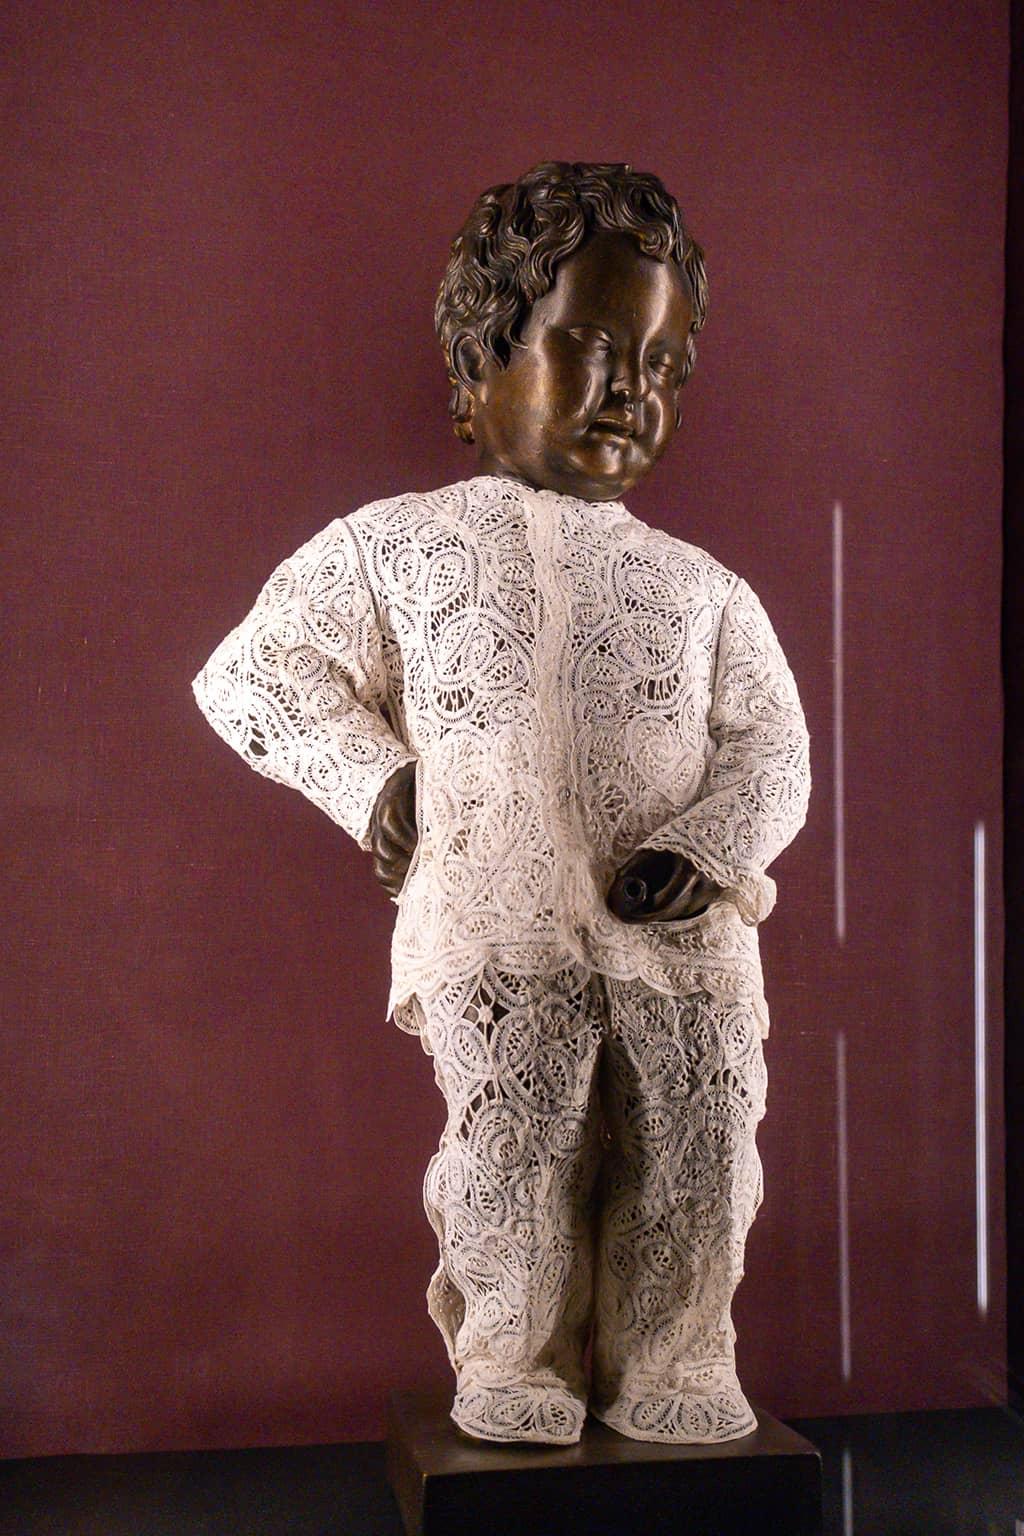 Musée de la mode et de la dentelle de Bruxelles